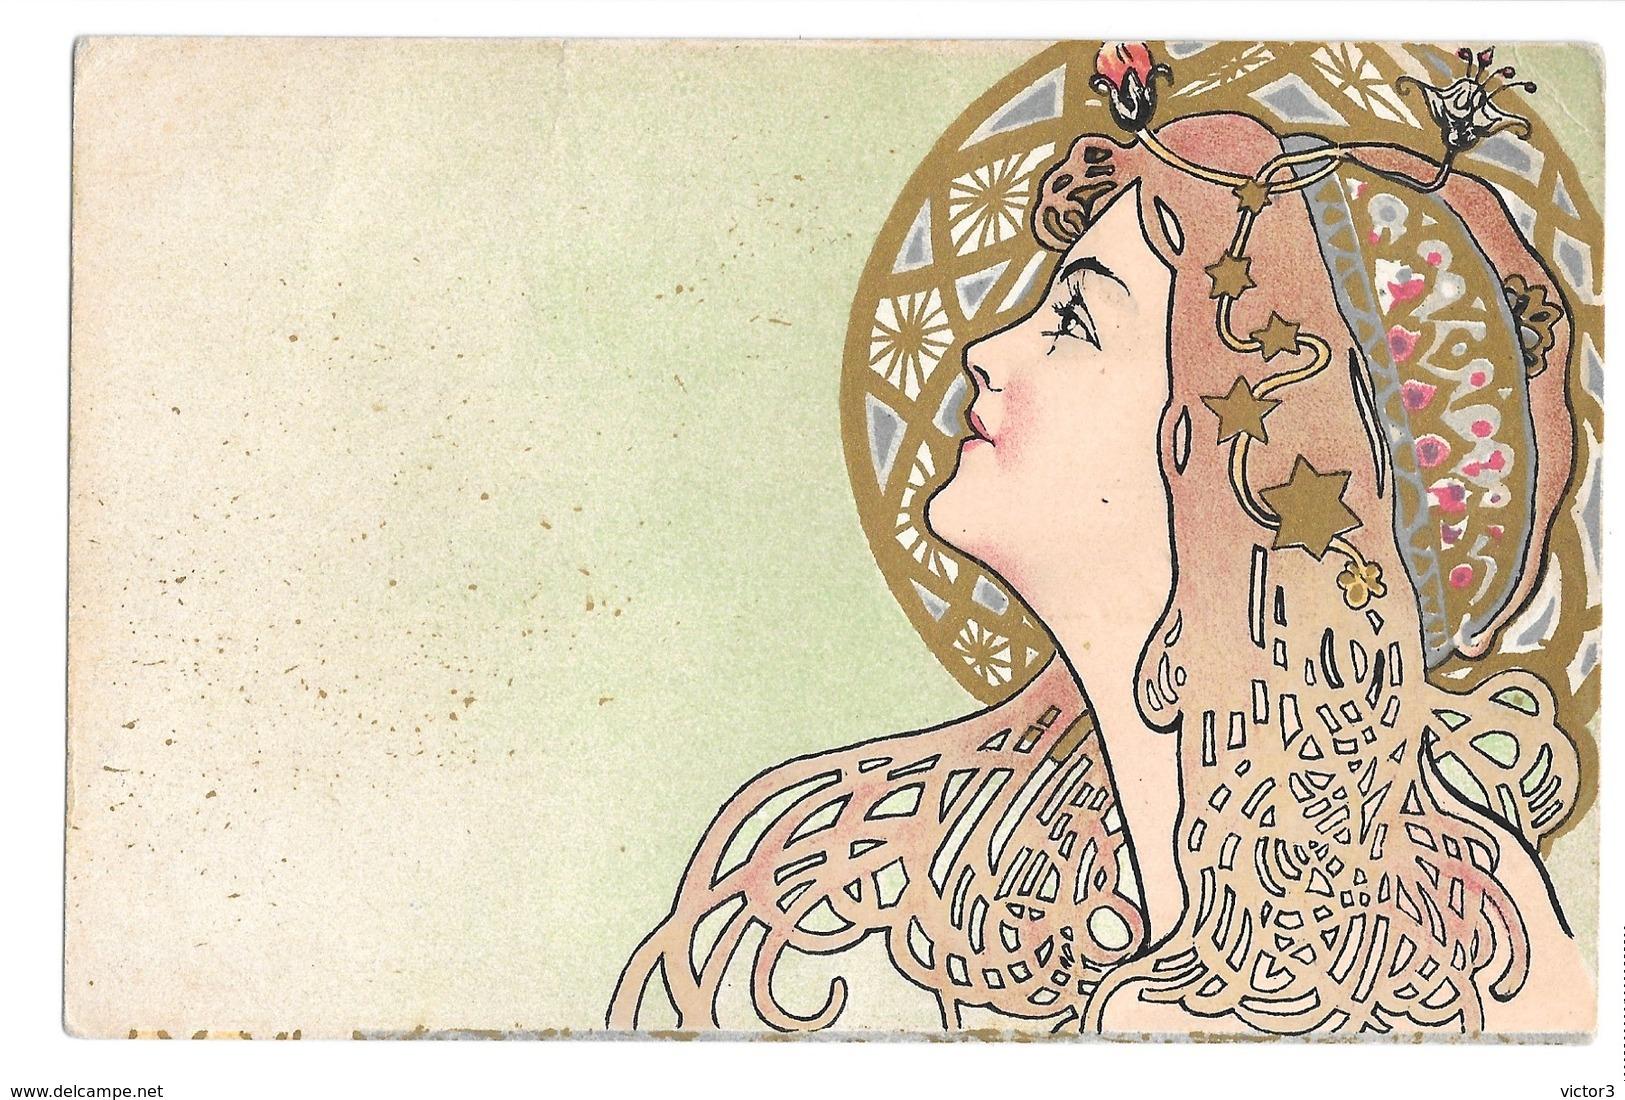 CPA HENRI MEUNIER FEMME OREOLE ART NOUVEAU + AIX LES BAINS EXCEPTIONNEL!!! - Autres Illustrateurs